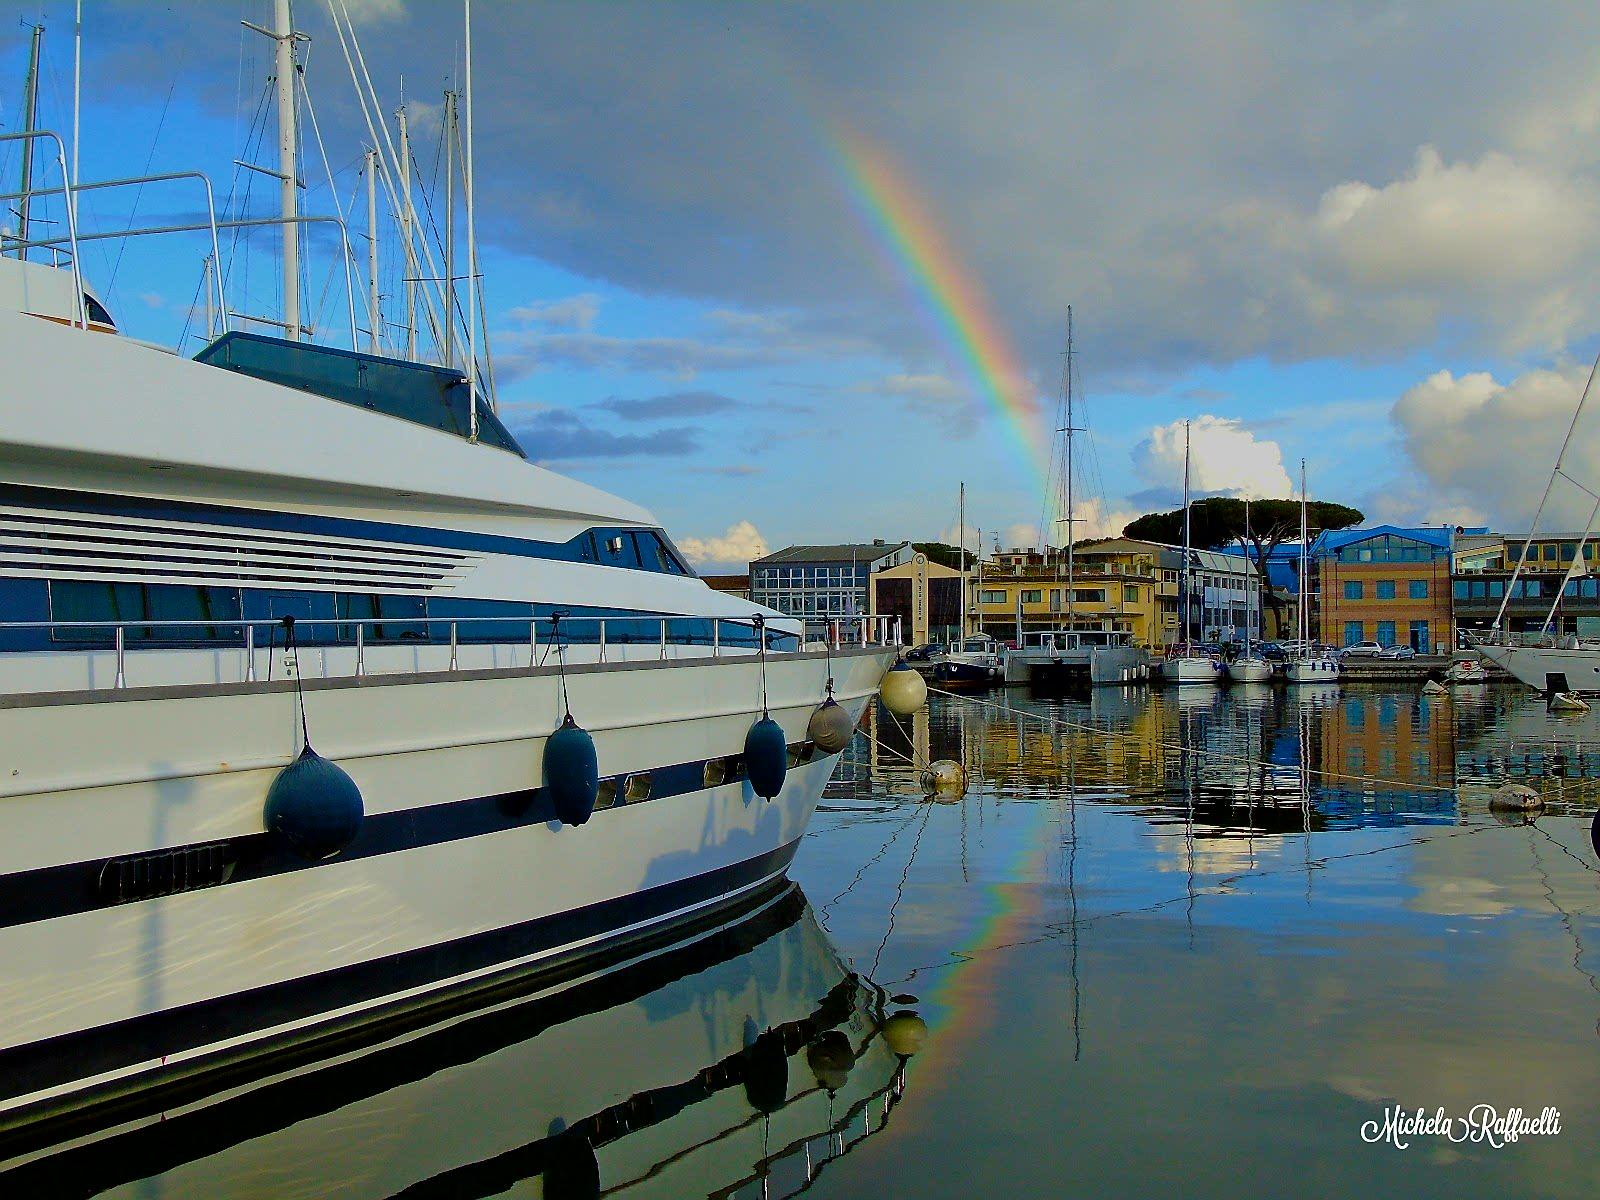 Nautica, prorogate le scadenze per iscriversi ai corsi per comandante di super yacht